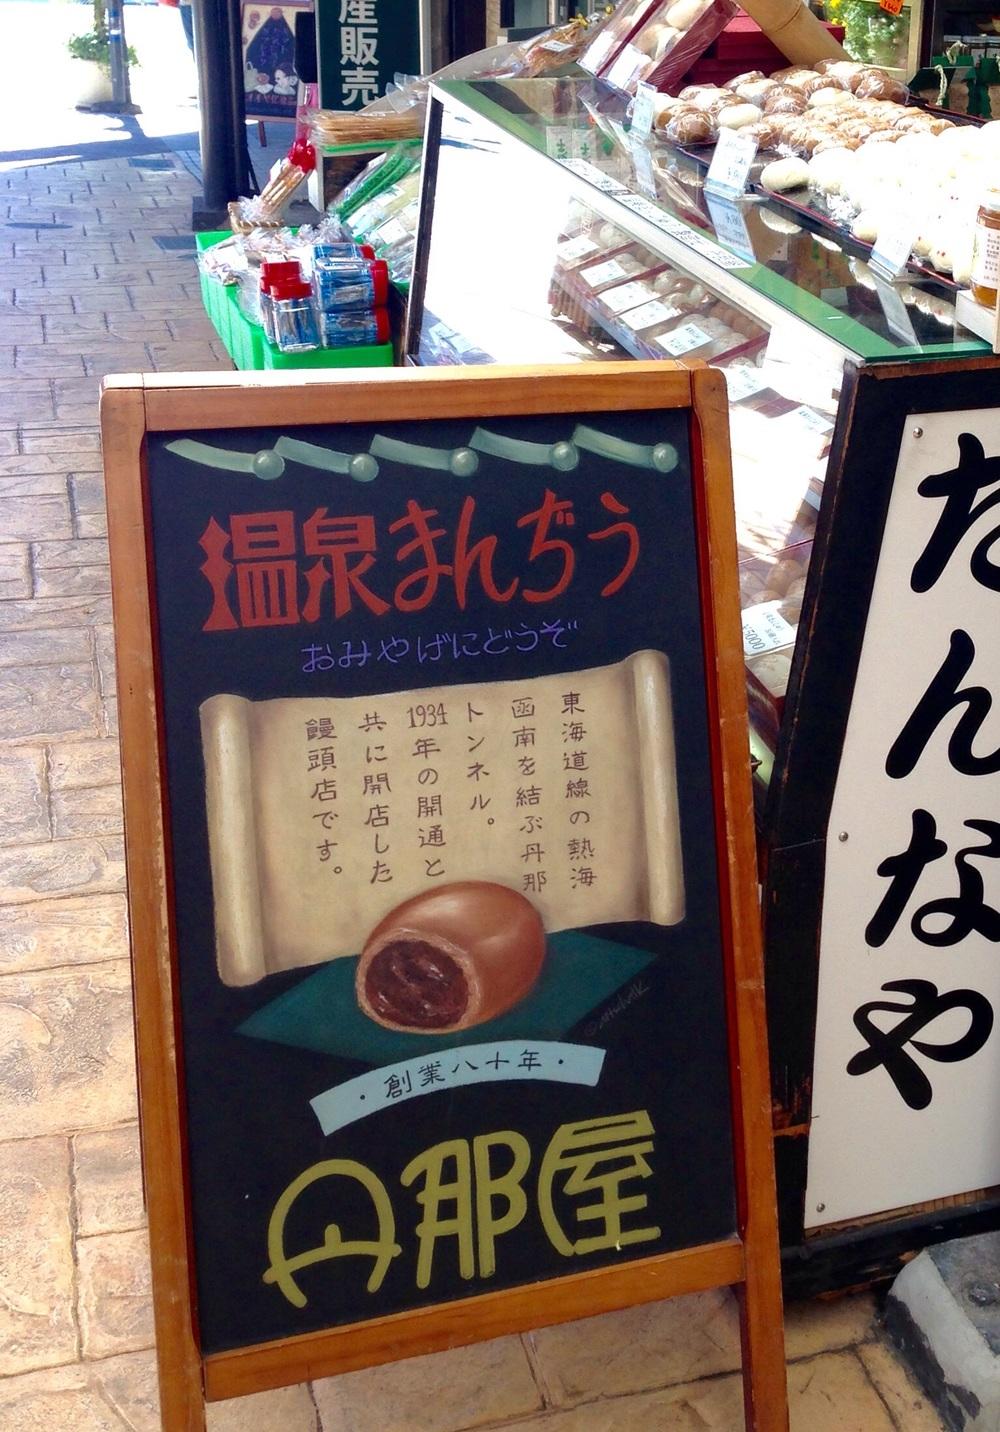 Onsen manju (hotspring cakes)